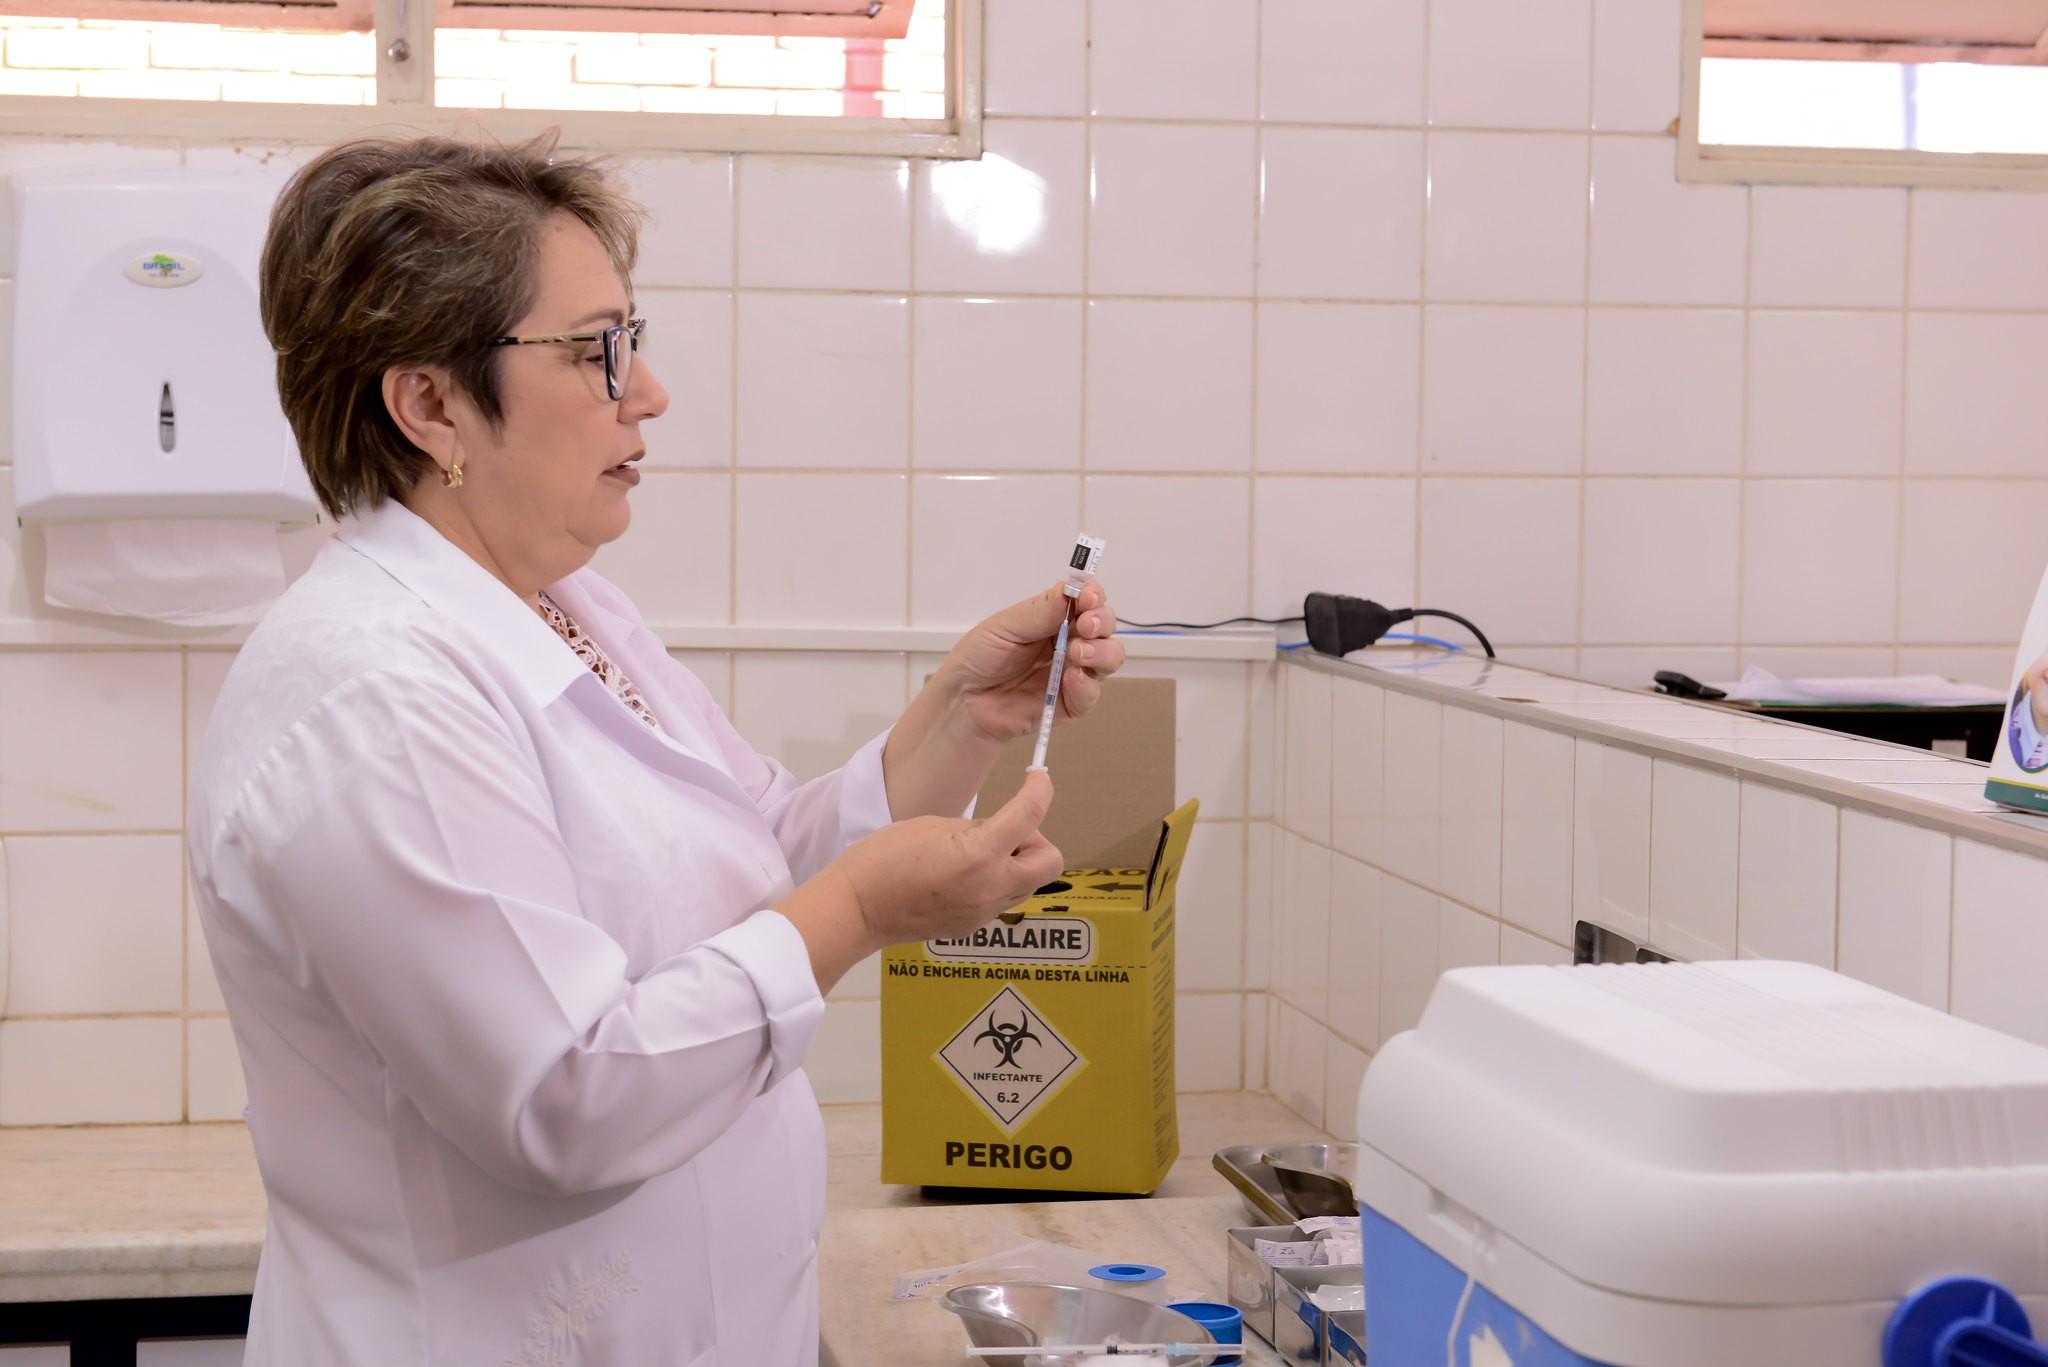 Verba para vacinas será R$ 400 milhões menor em 2020; Saúde nega impacto e aponta renegociação de preços - Notícias - Plantão Diário